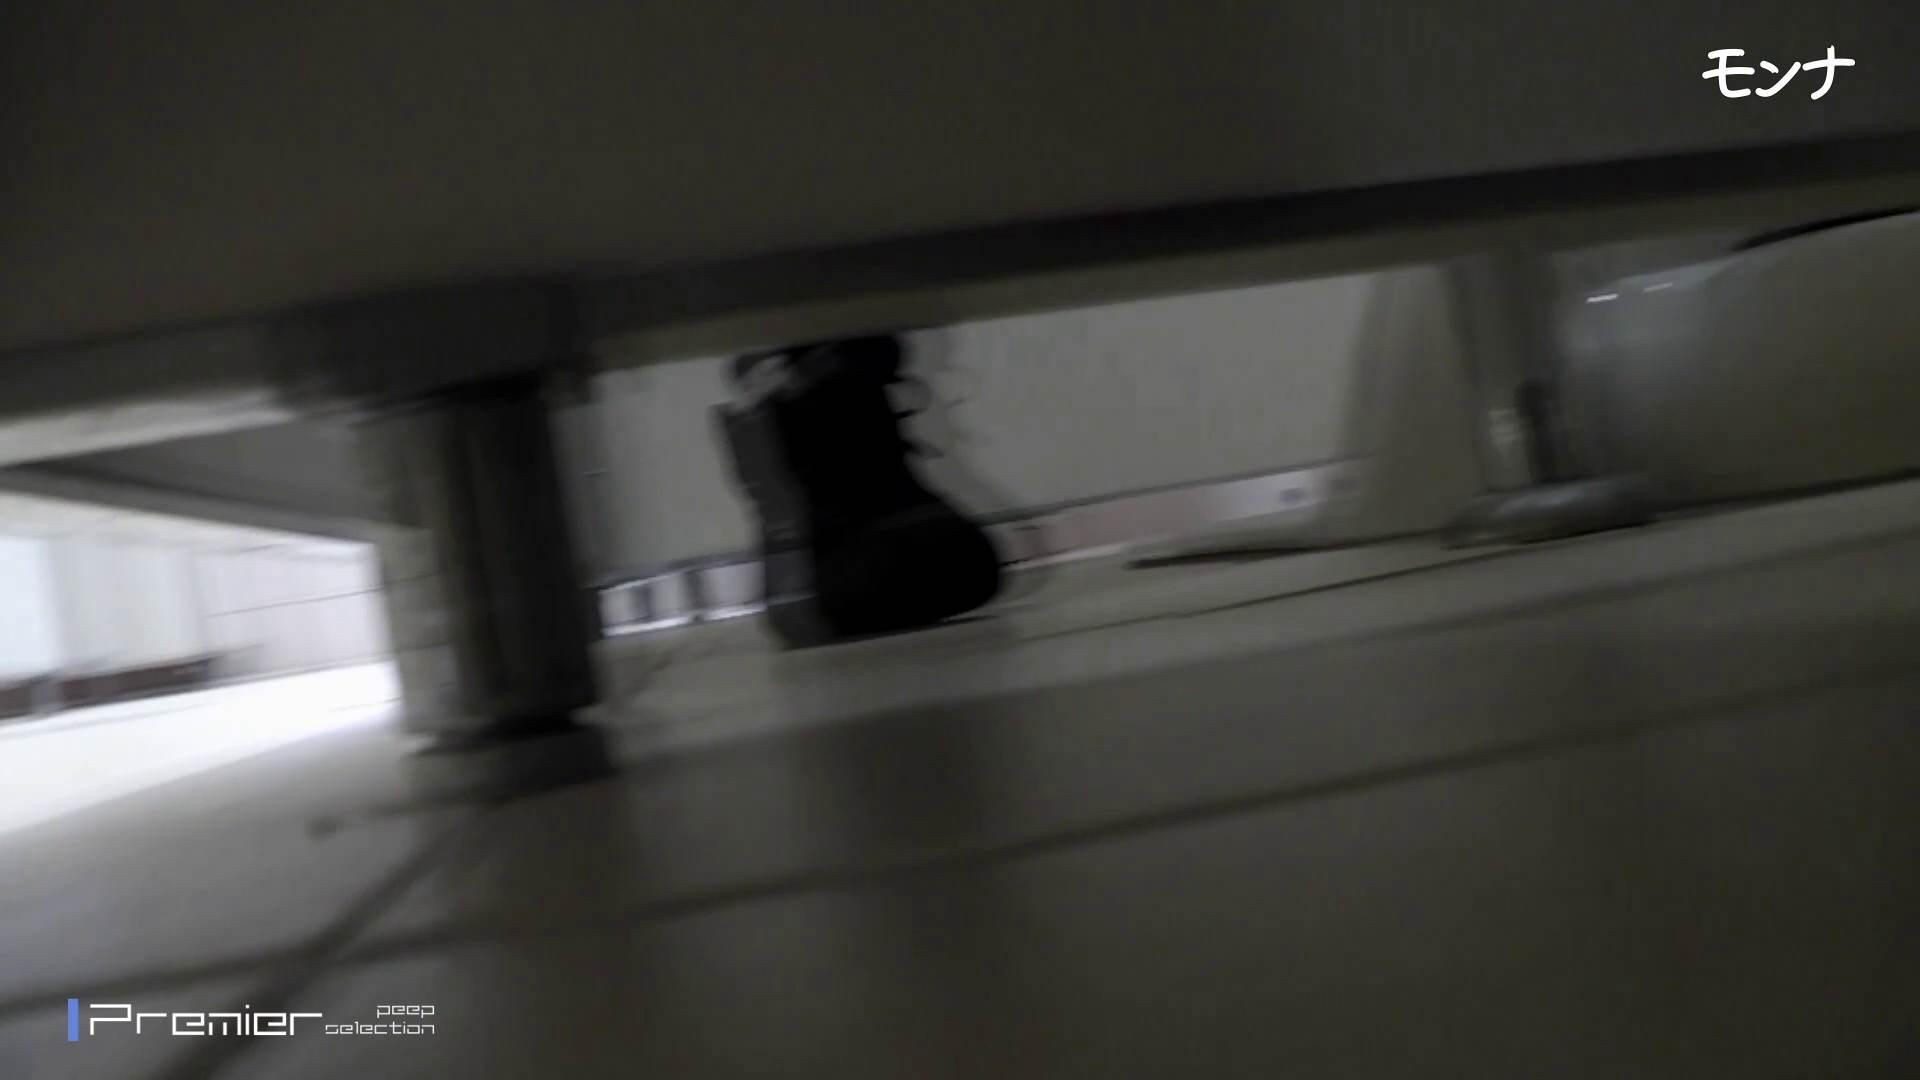 美しい日本の未来 No.70 若さゆえの美しい丸み 盗撮 盗撮動画紹介 57PIX 42